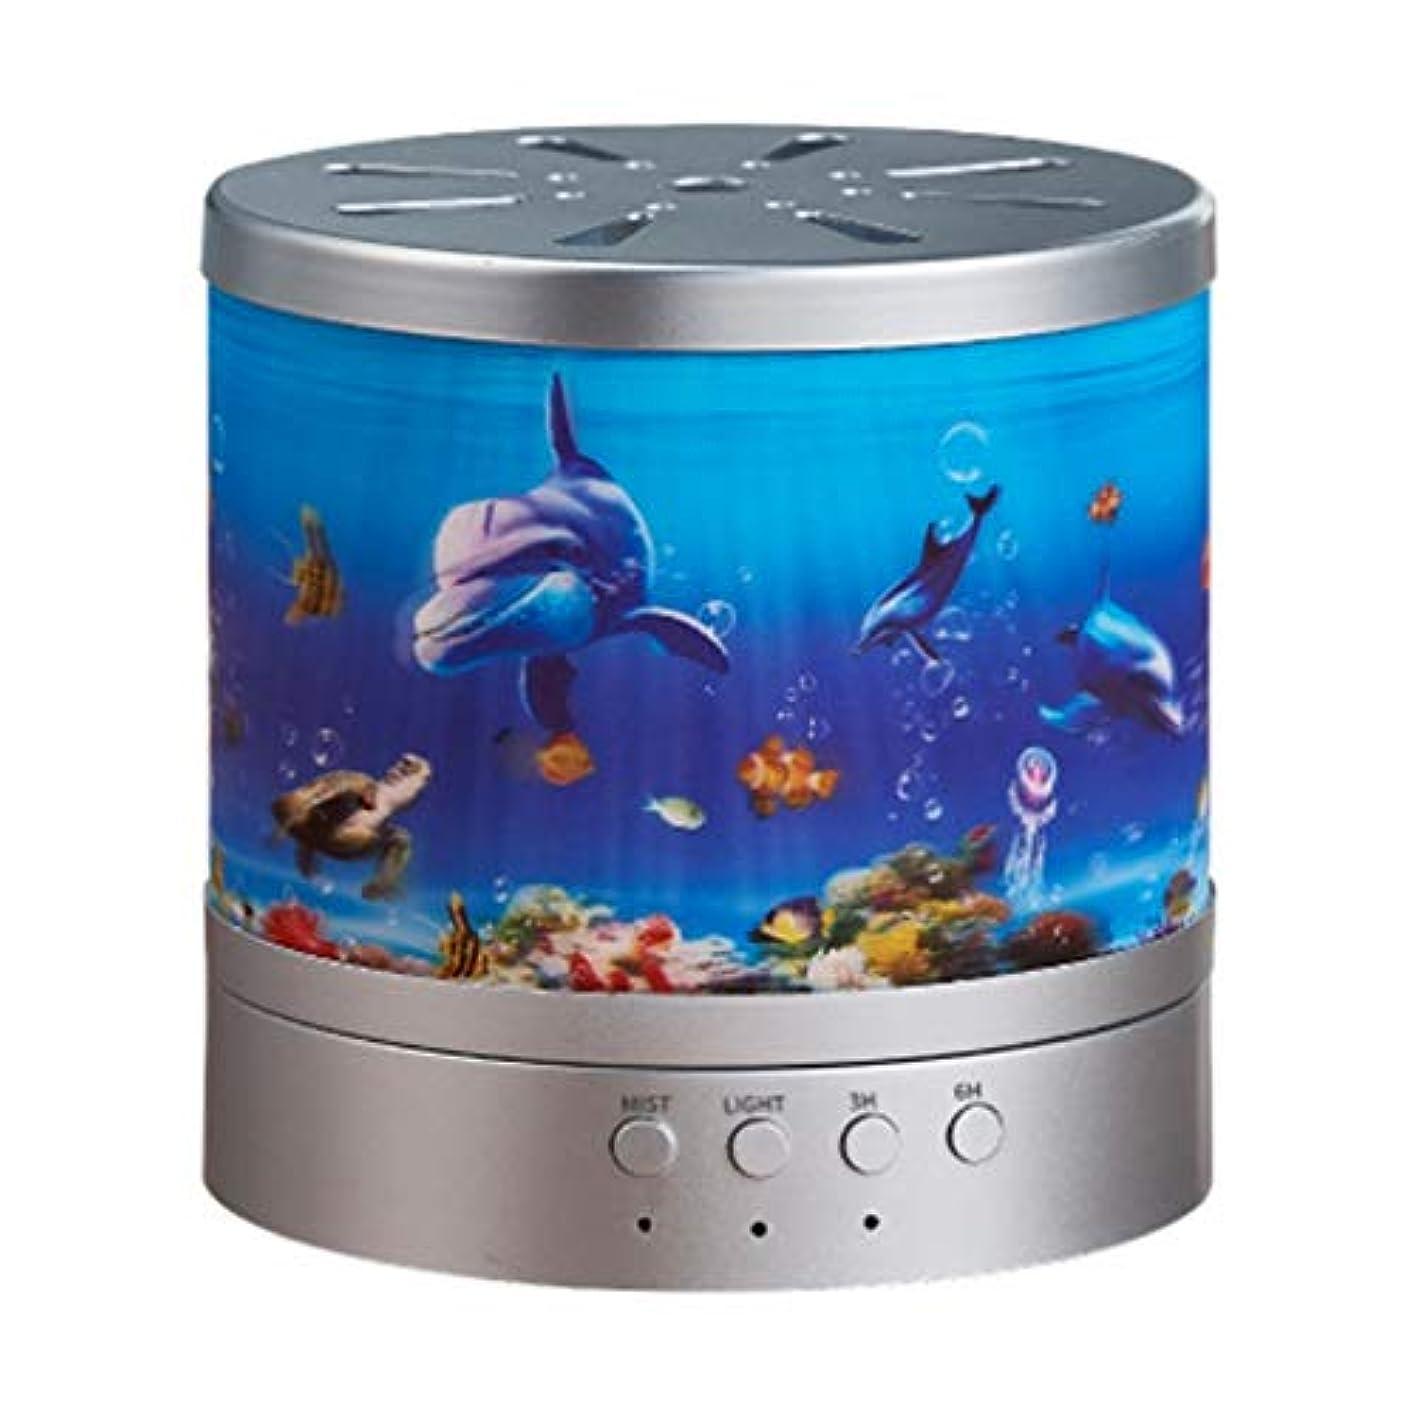 補助金ブッシュ細部精油のための海洋の主題の拡散器超音波涼しい霧の加湿器、水なしの自動シャットオフおよび7つの色LEDライトは内務省のために変わります (Color : Silver)